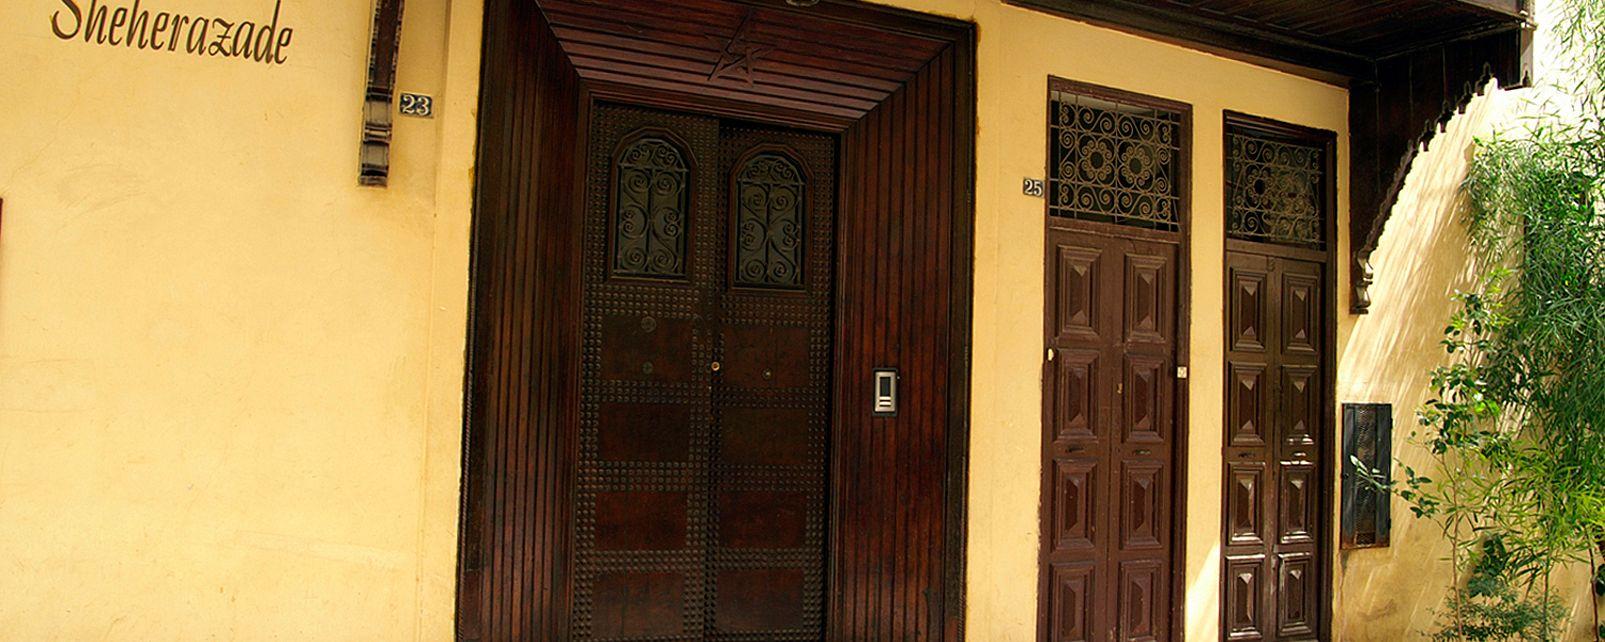 Hôtel Riad Sherazade